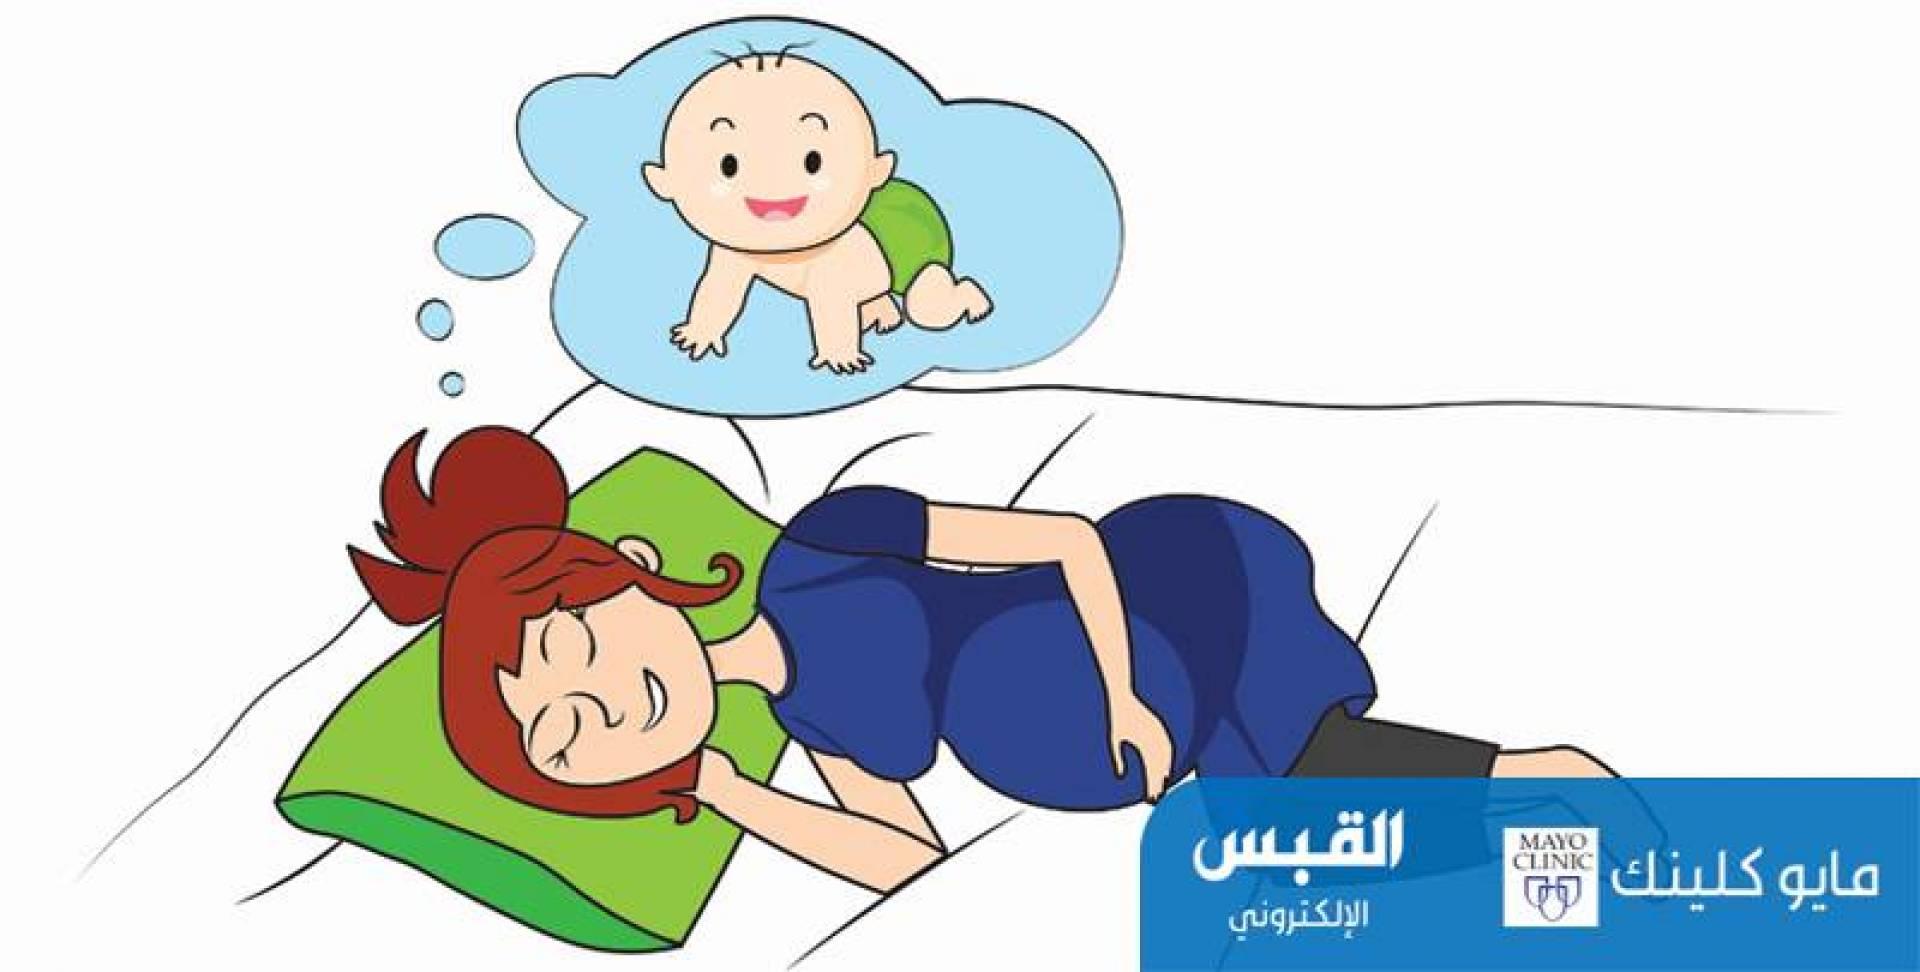 الراحة في الفراش خلال فترة الحمل.. قد تسبب جلطة دموية